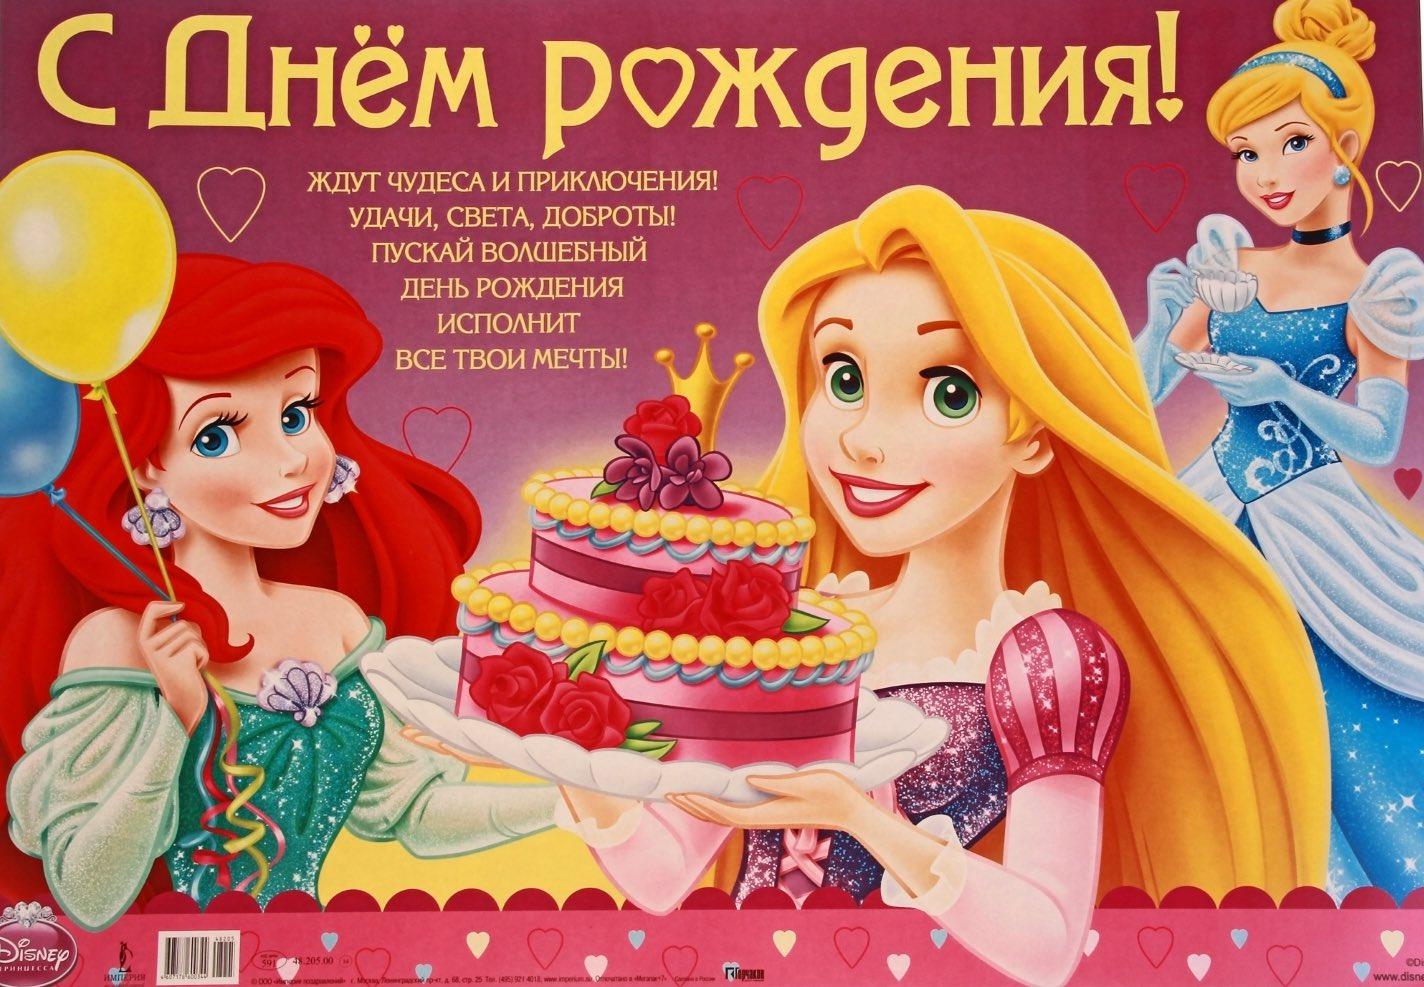 Картинка с днем рождения принцессу 3 года, днем рождения